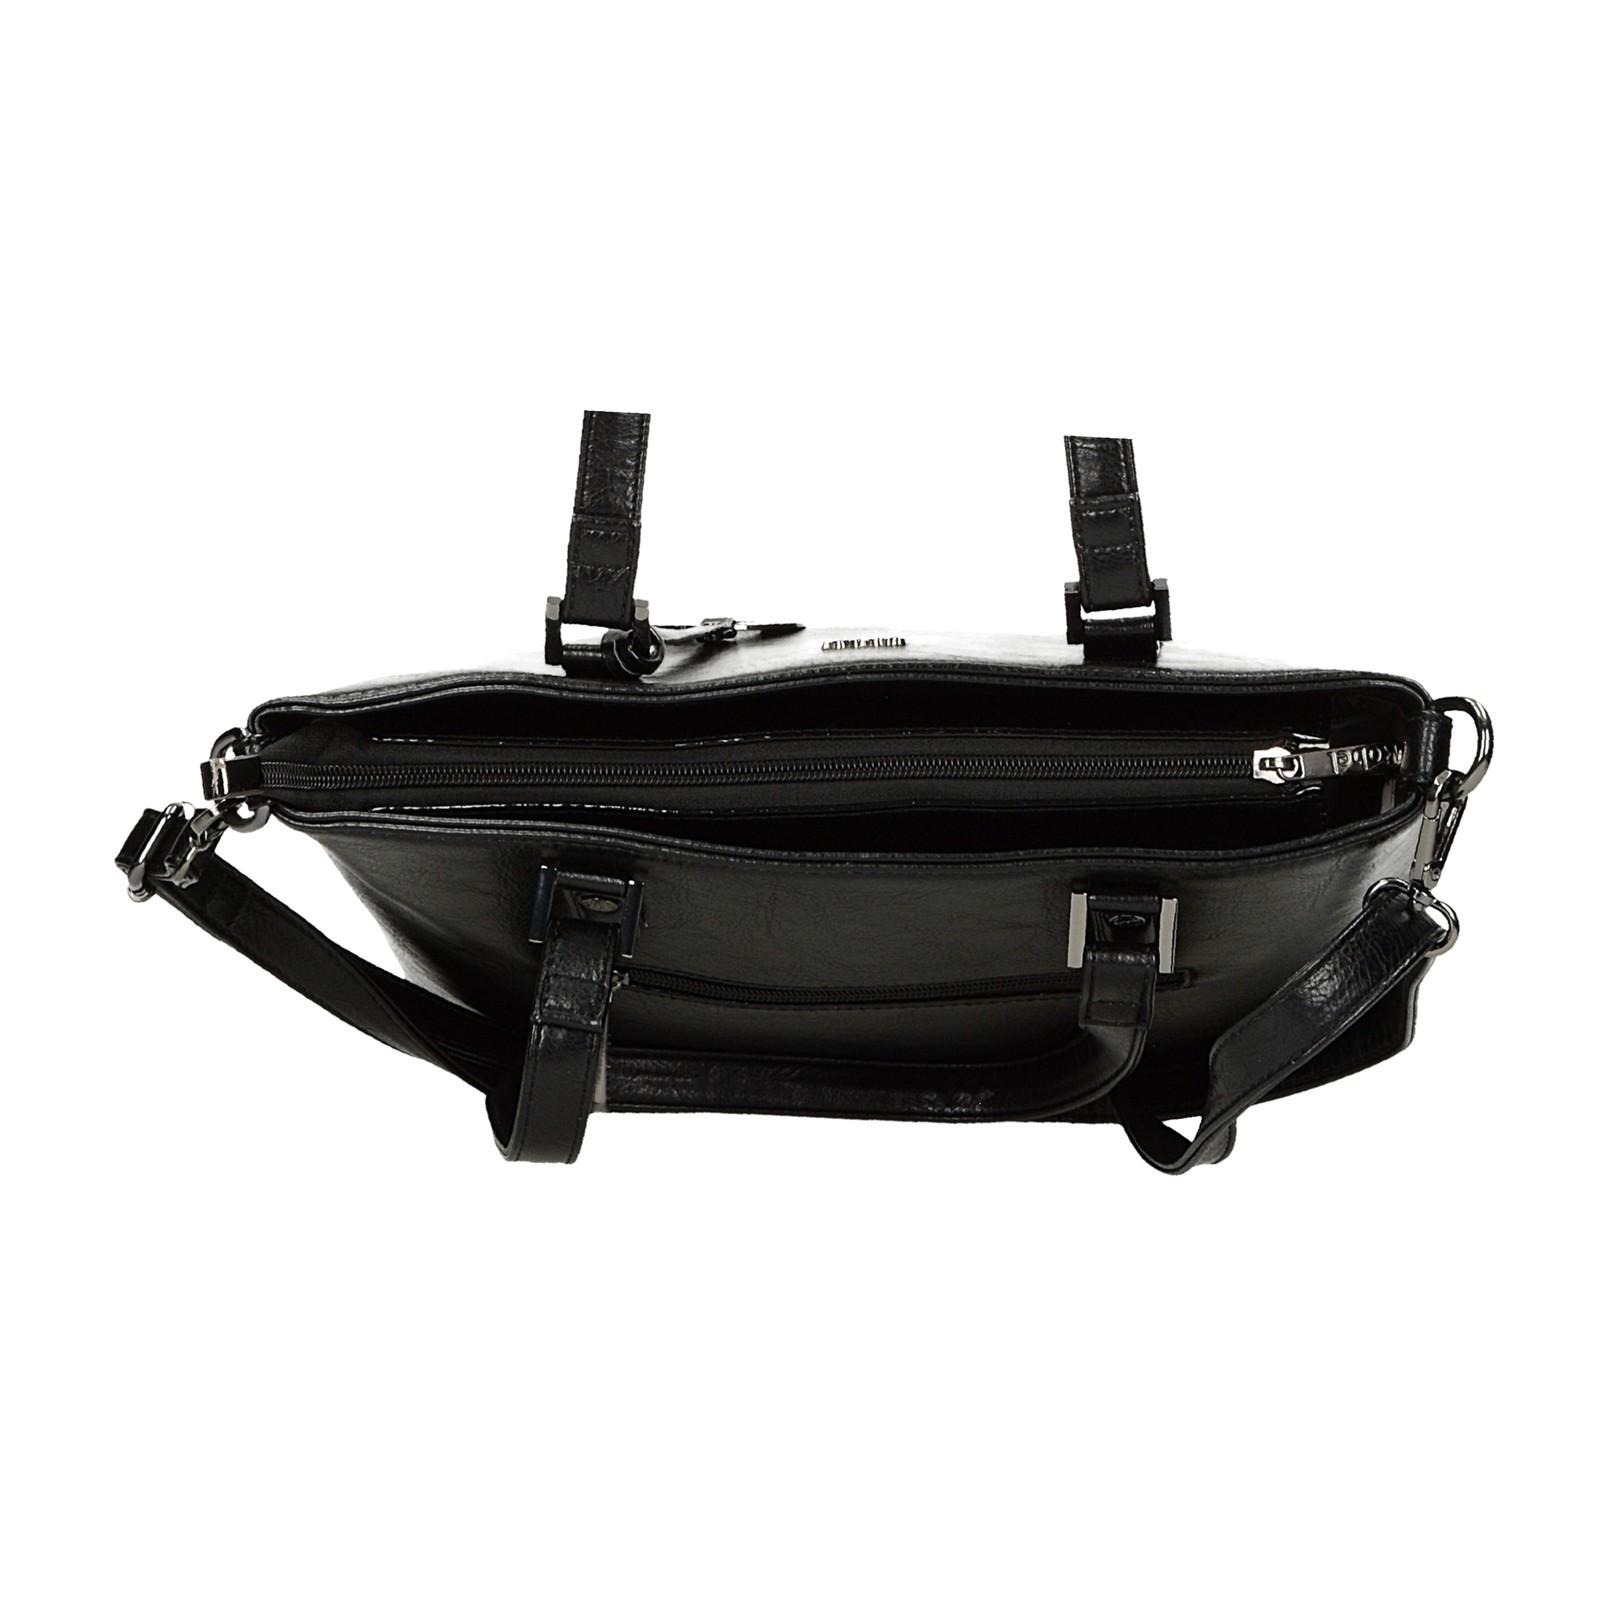 Robel dámská elegantní kabelka - černá ... 229dce9038d